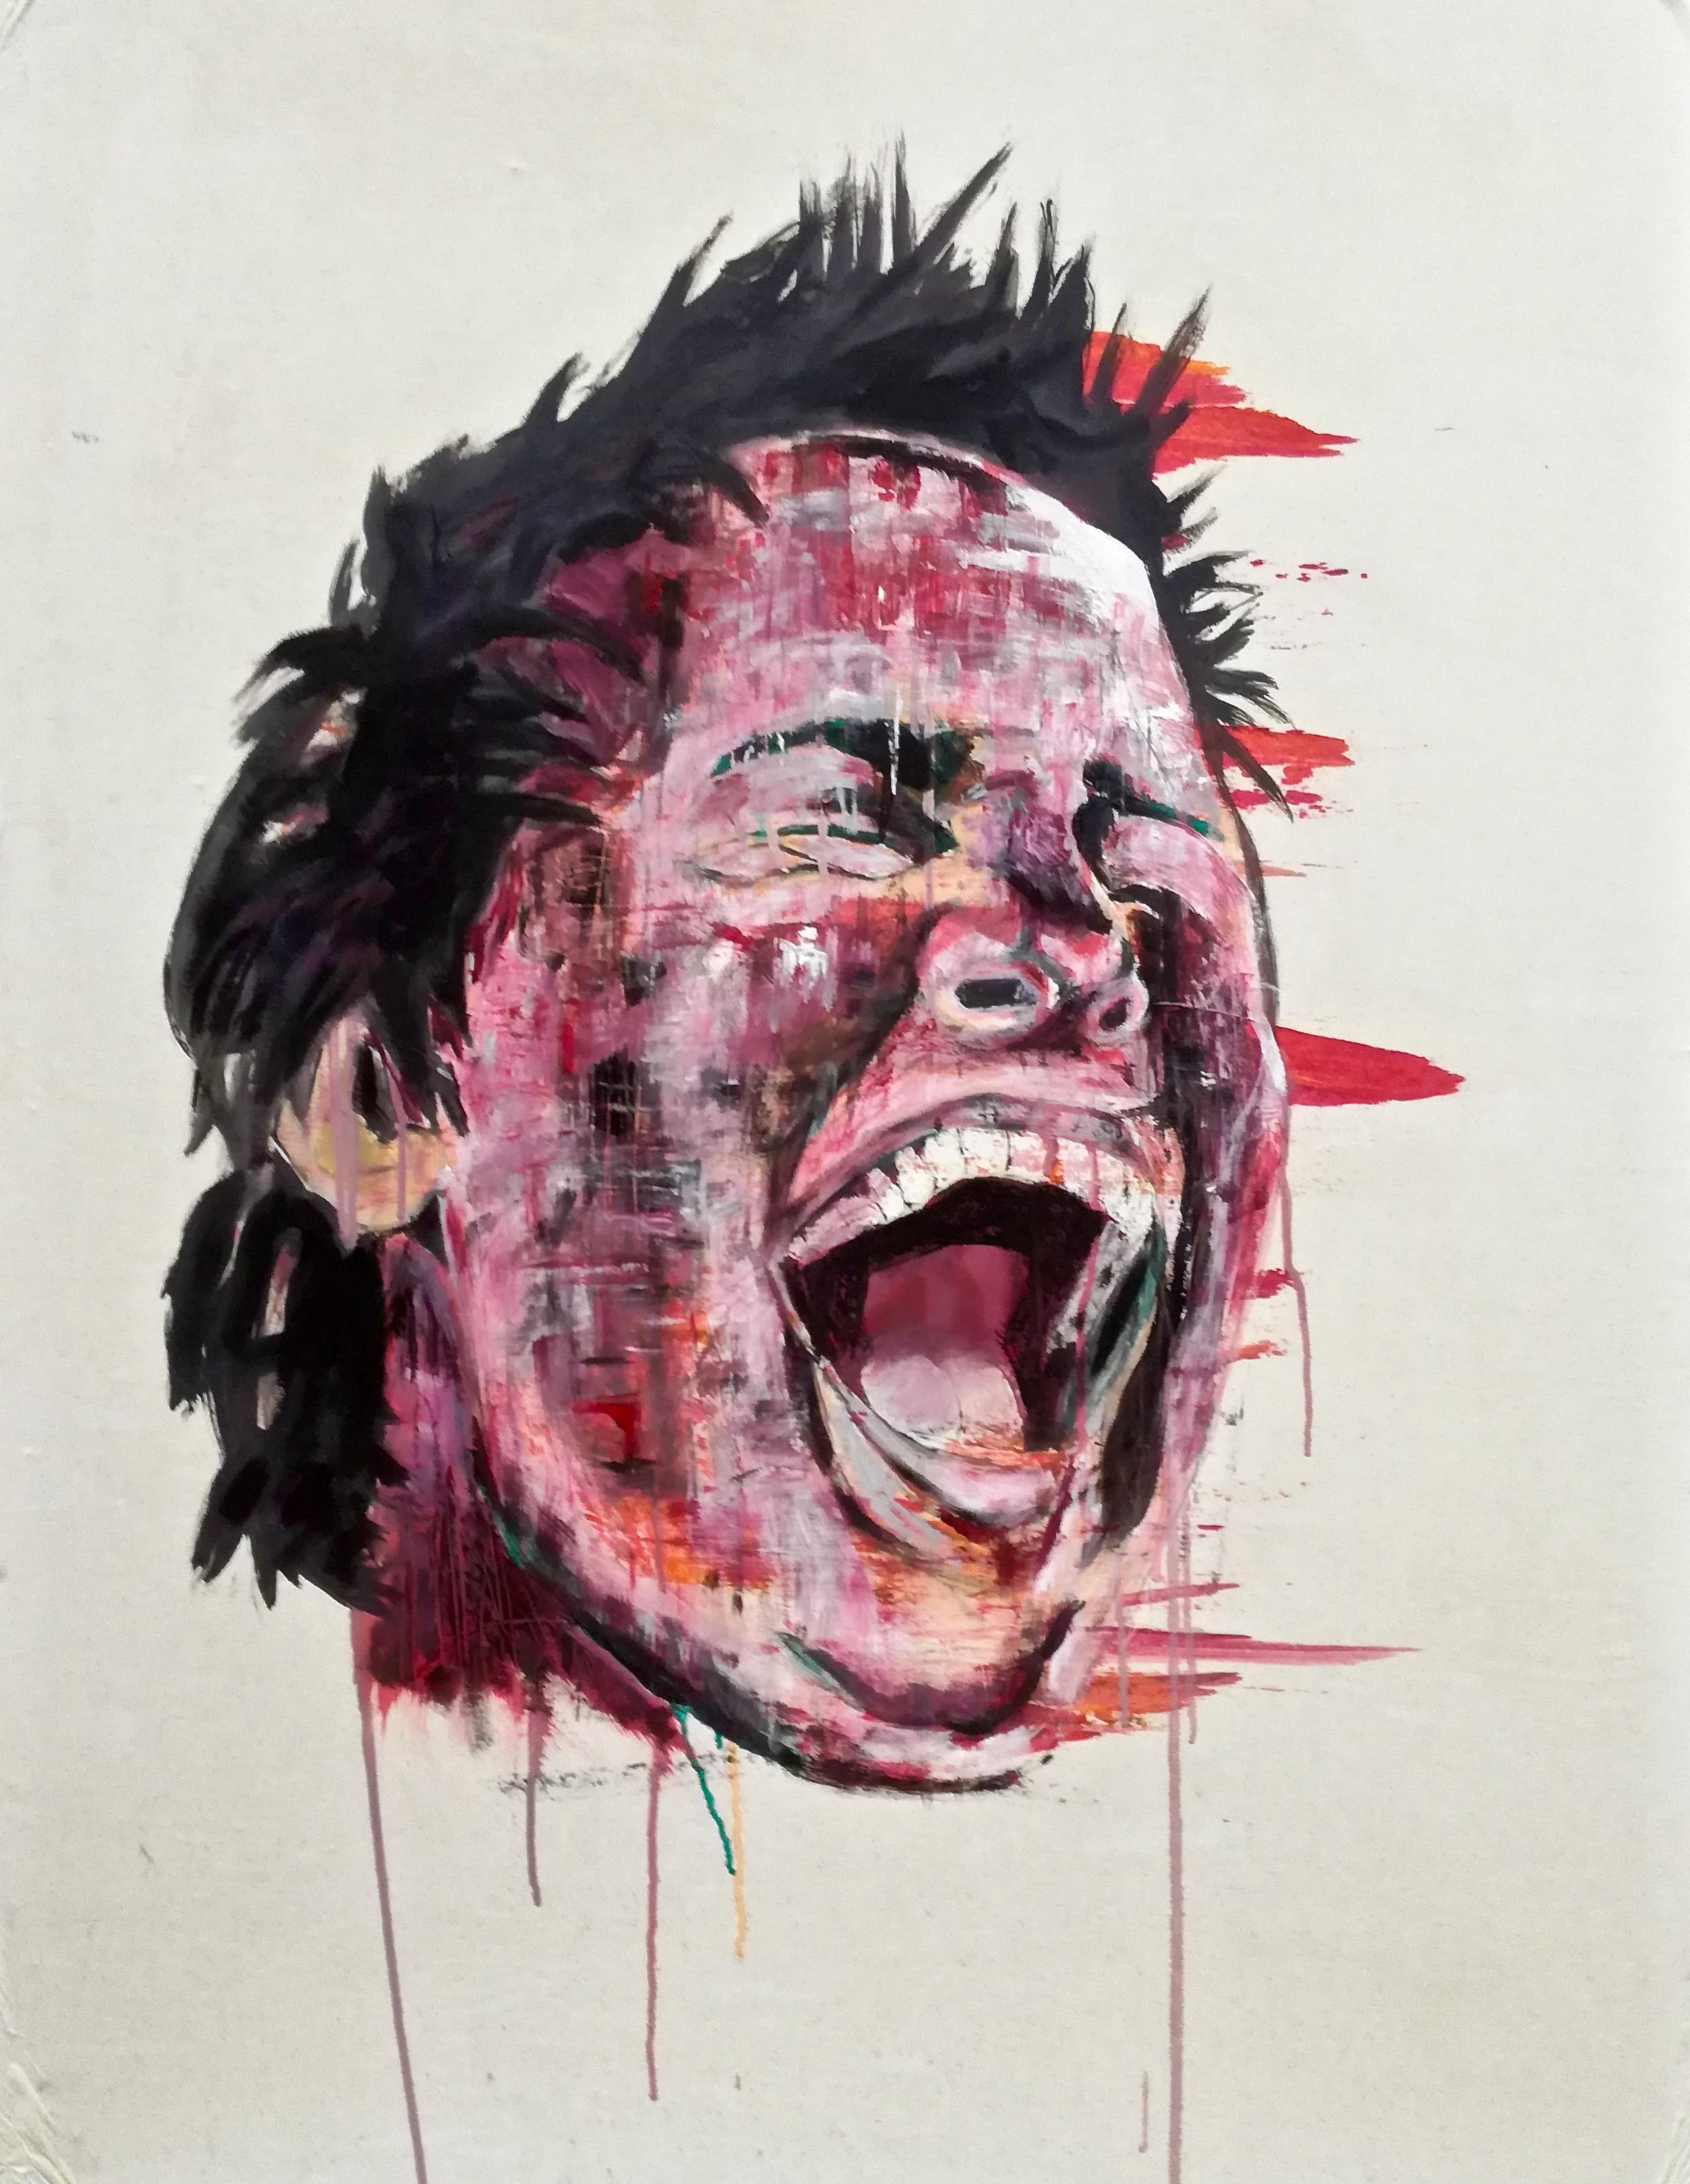 Andy III. Portrait peint d'un jeune homme riant ou hurlant couleurs rouge, pourpre, rose, orange, par Stanmac 2014-2018